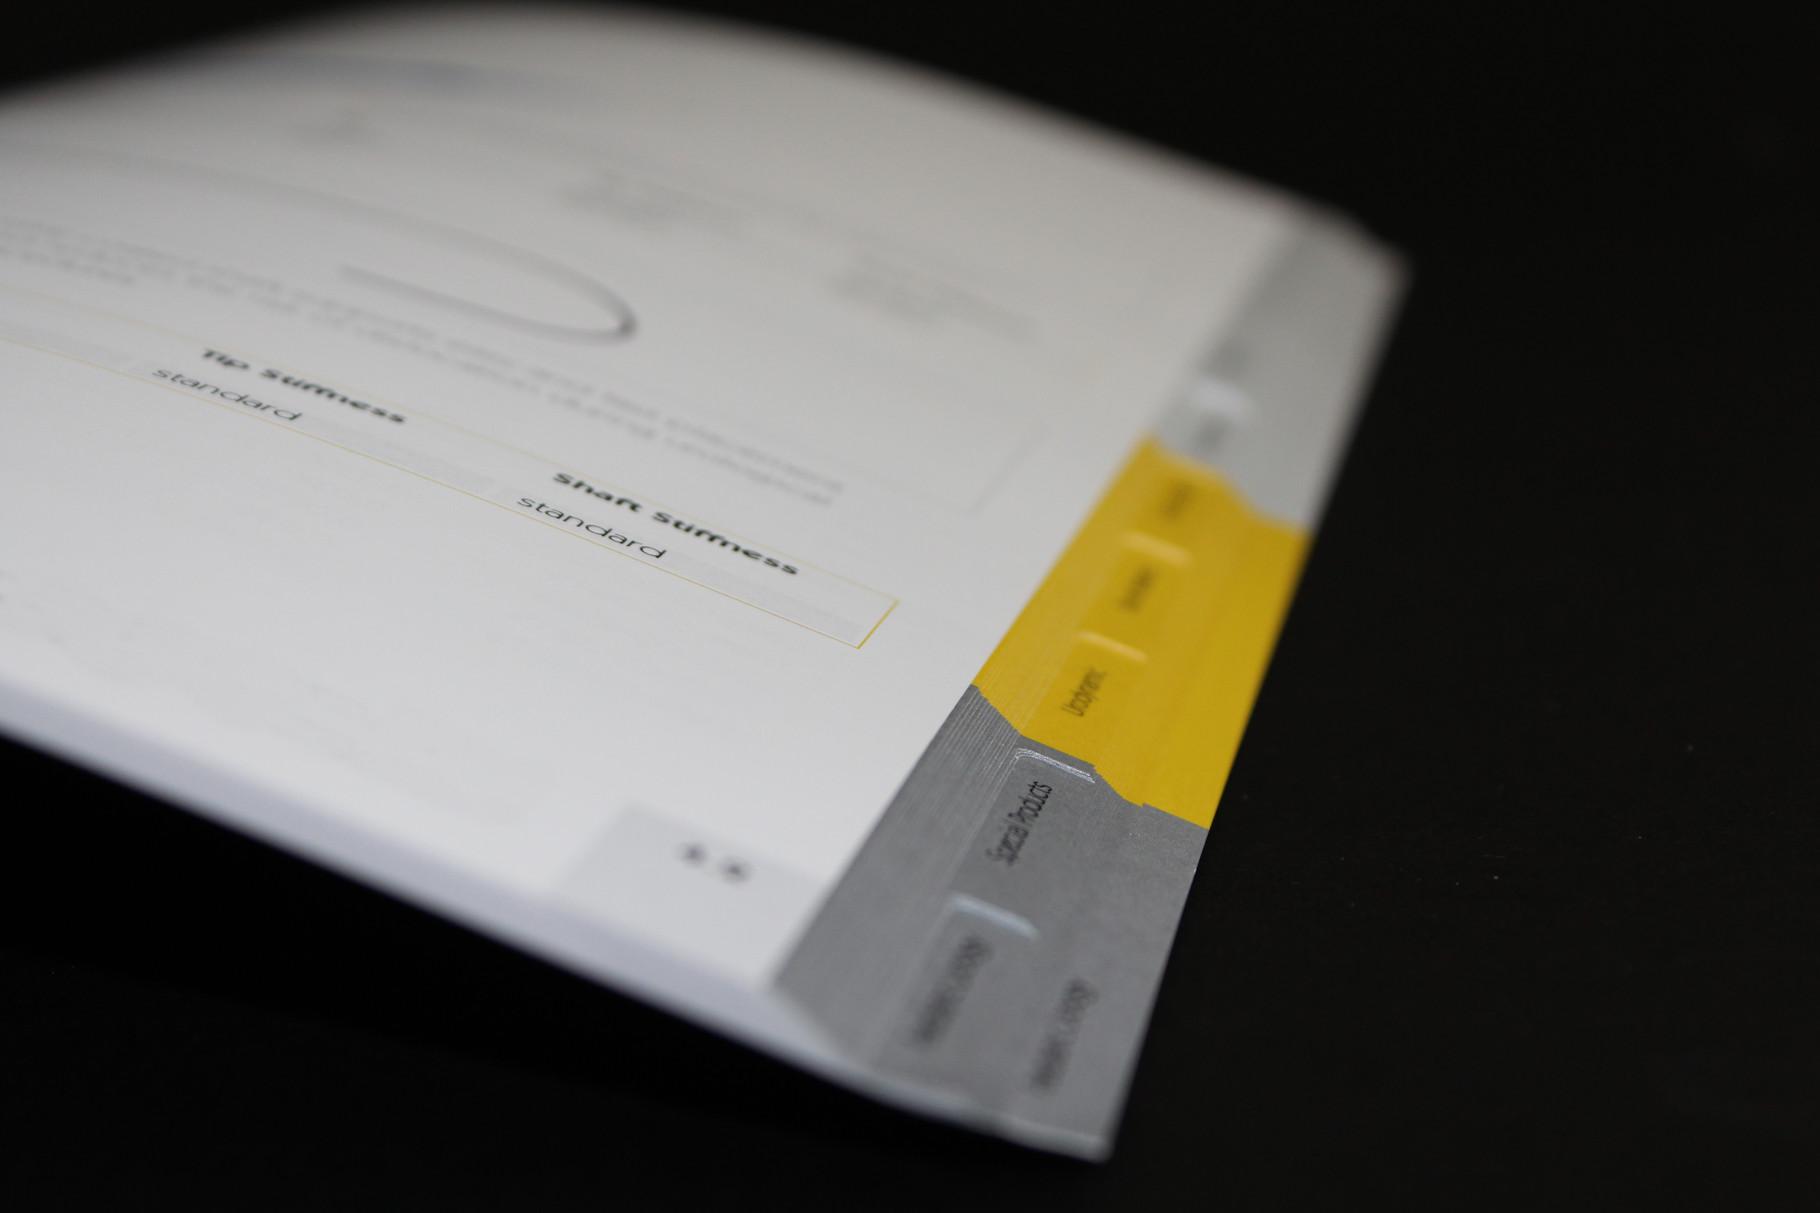 Registerstanzung, auch im Digitaldruck.